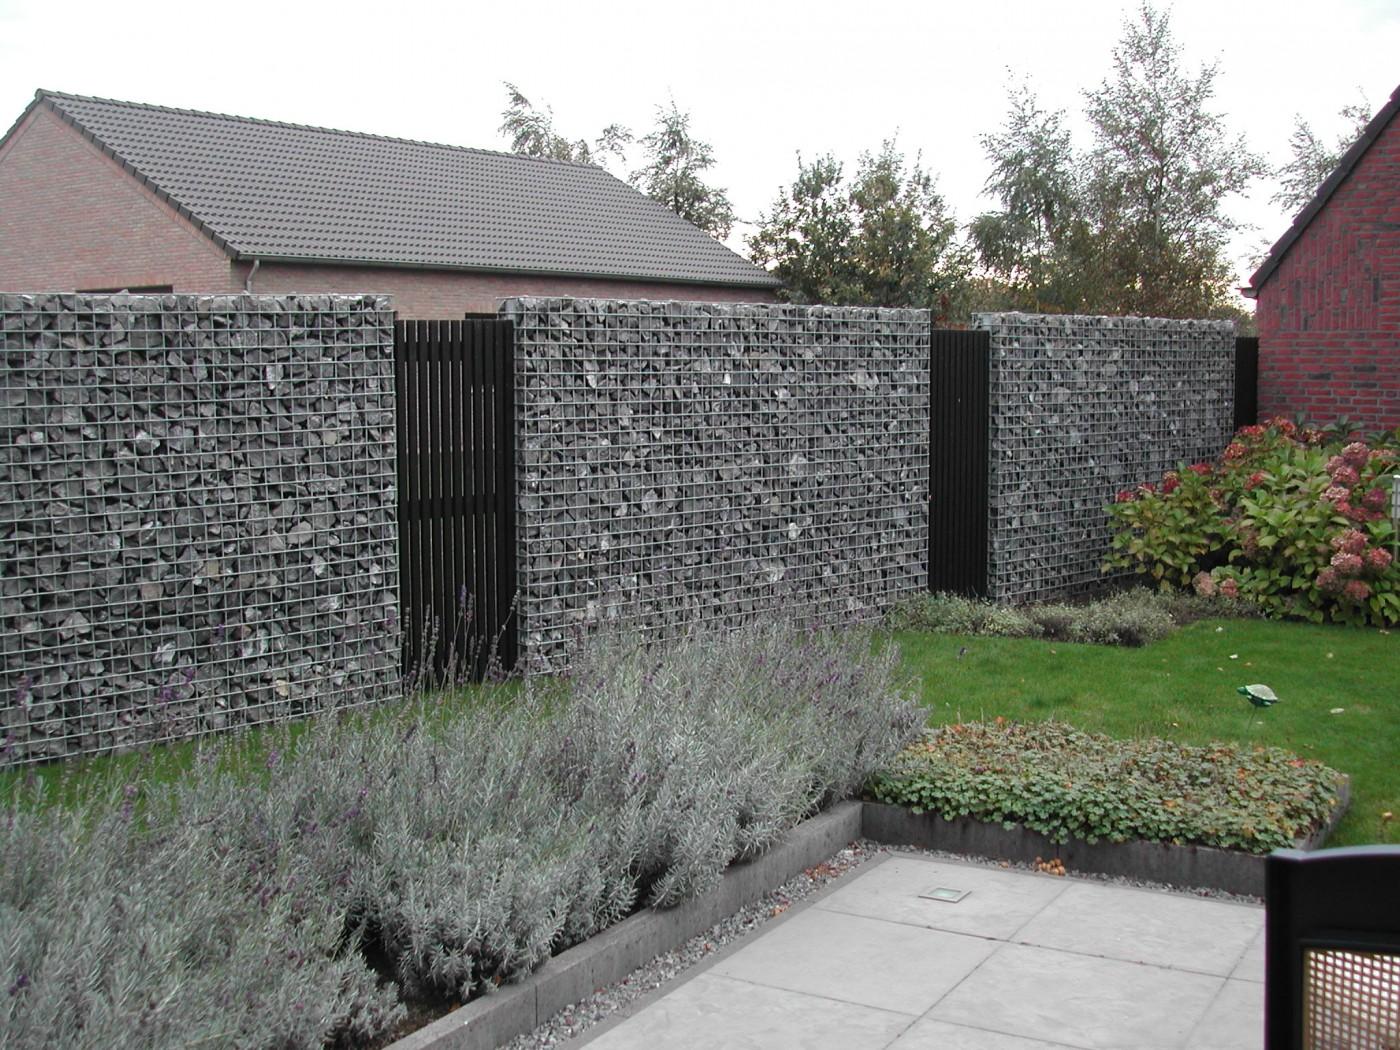 Hekwerk Tuin Metaal : Hekwerken en poorten j v d mortel deurne